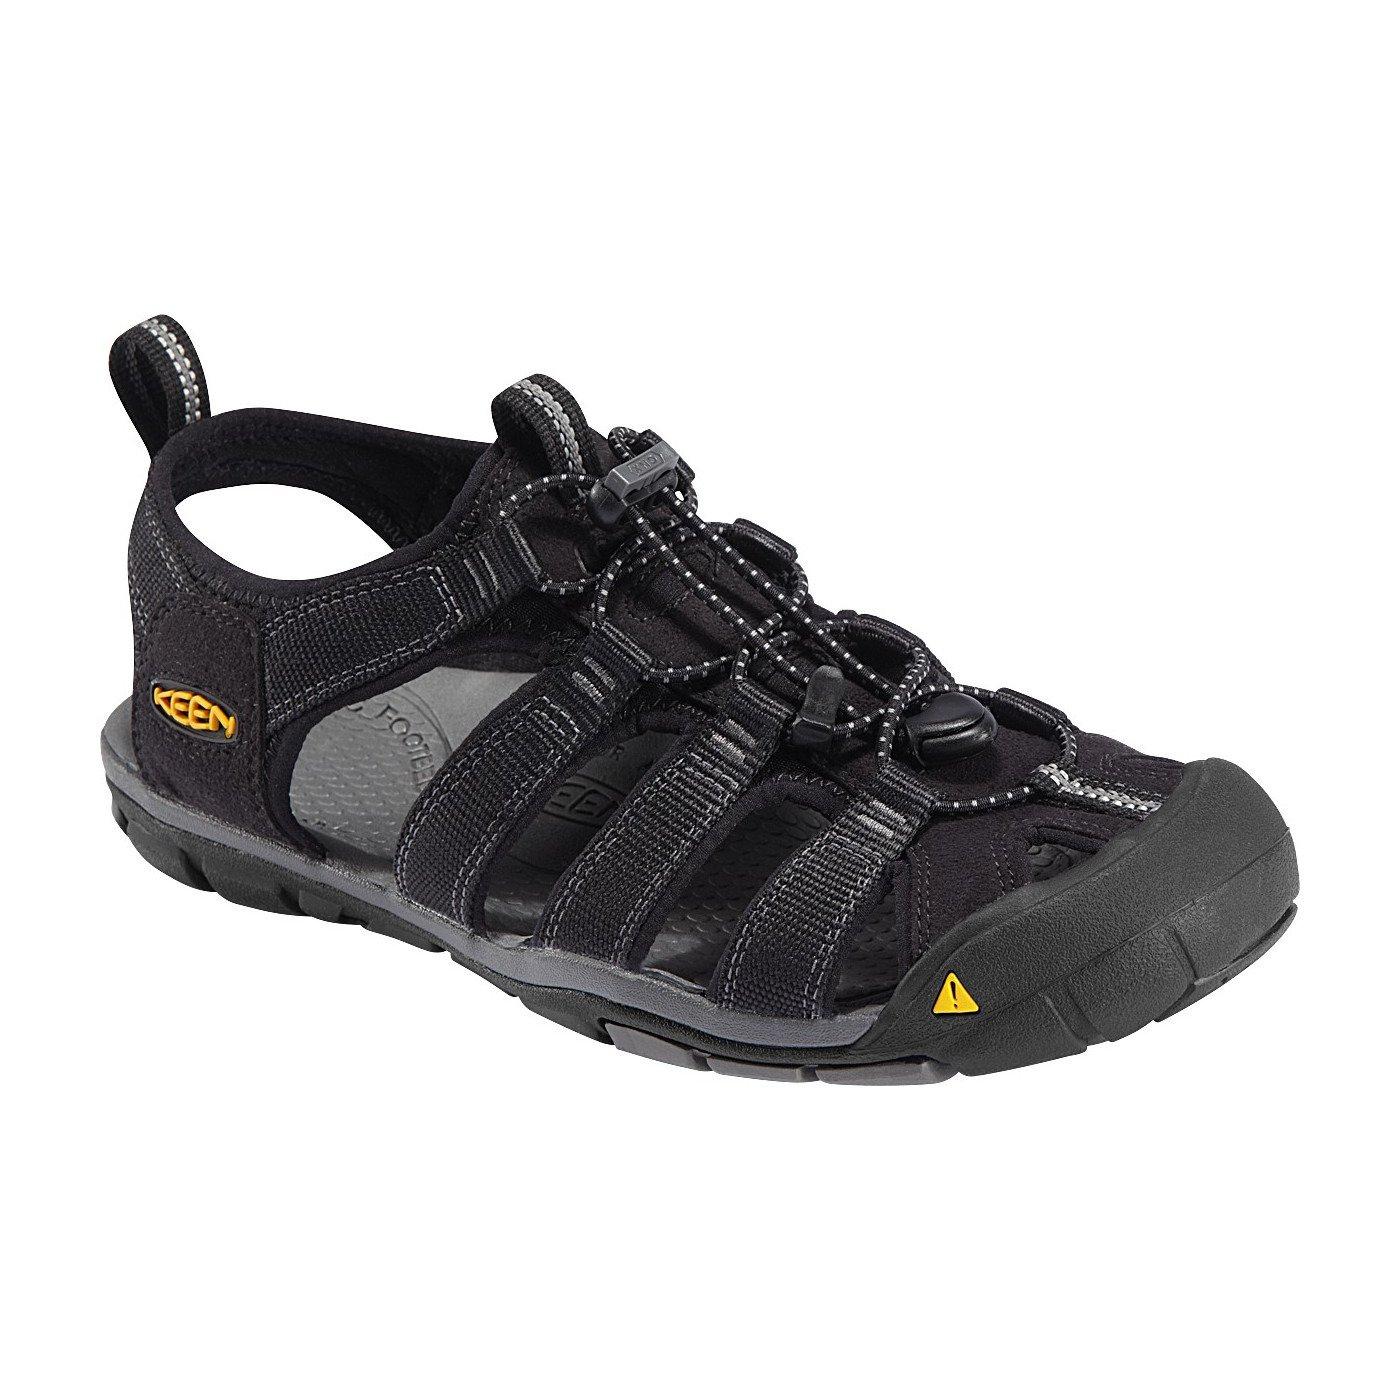 97af3da9c4a7 Sandały CLEARWATER CNX black gargoyle